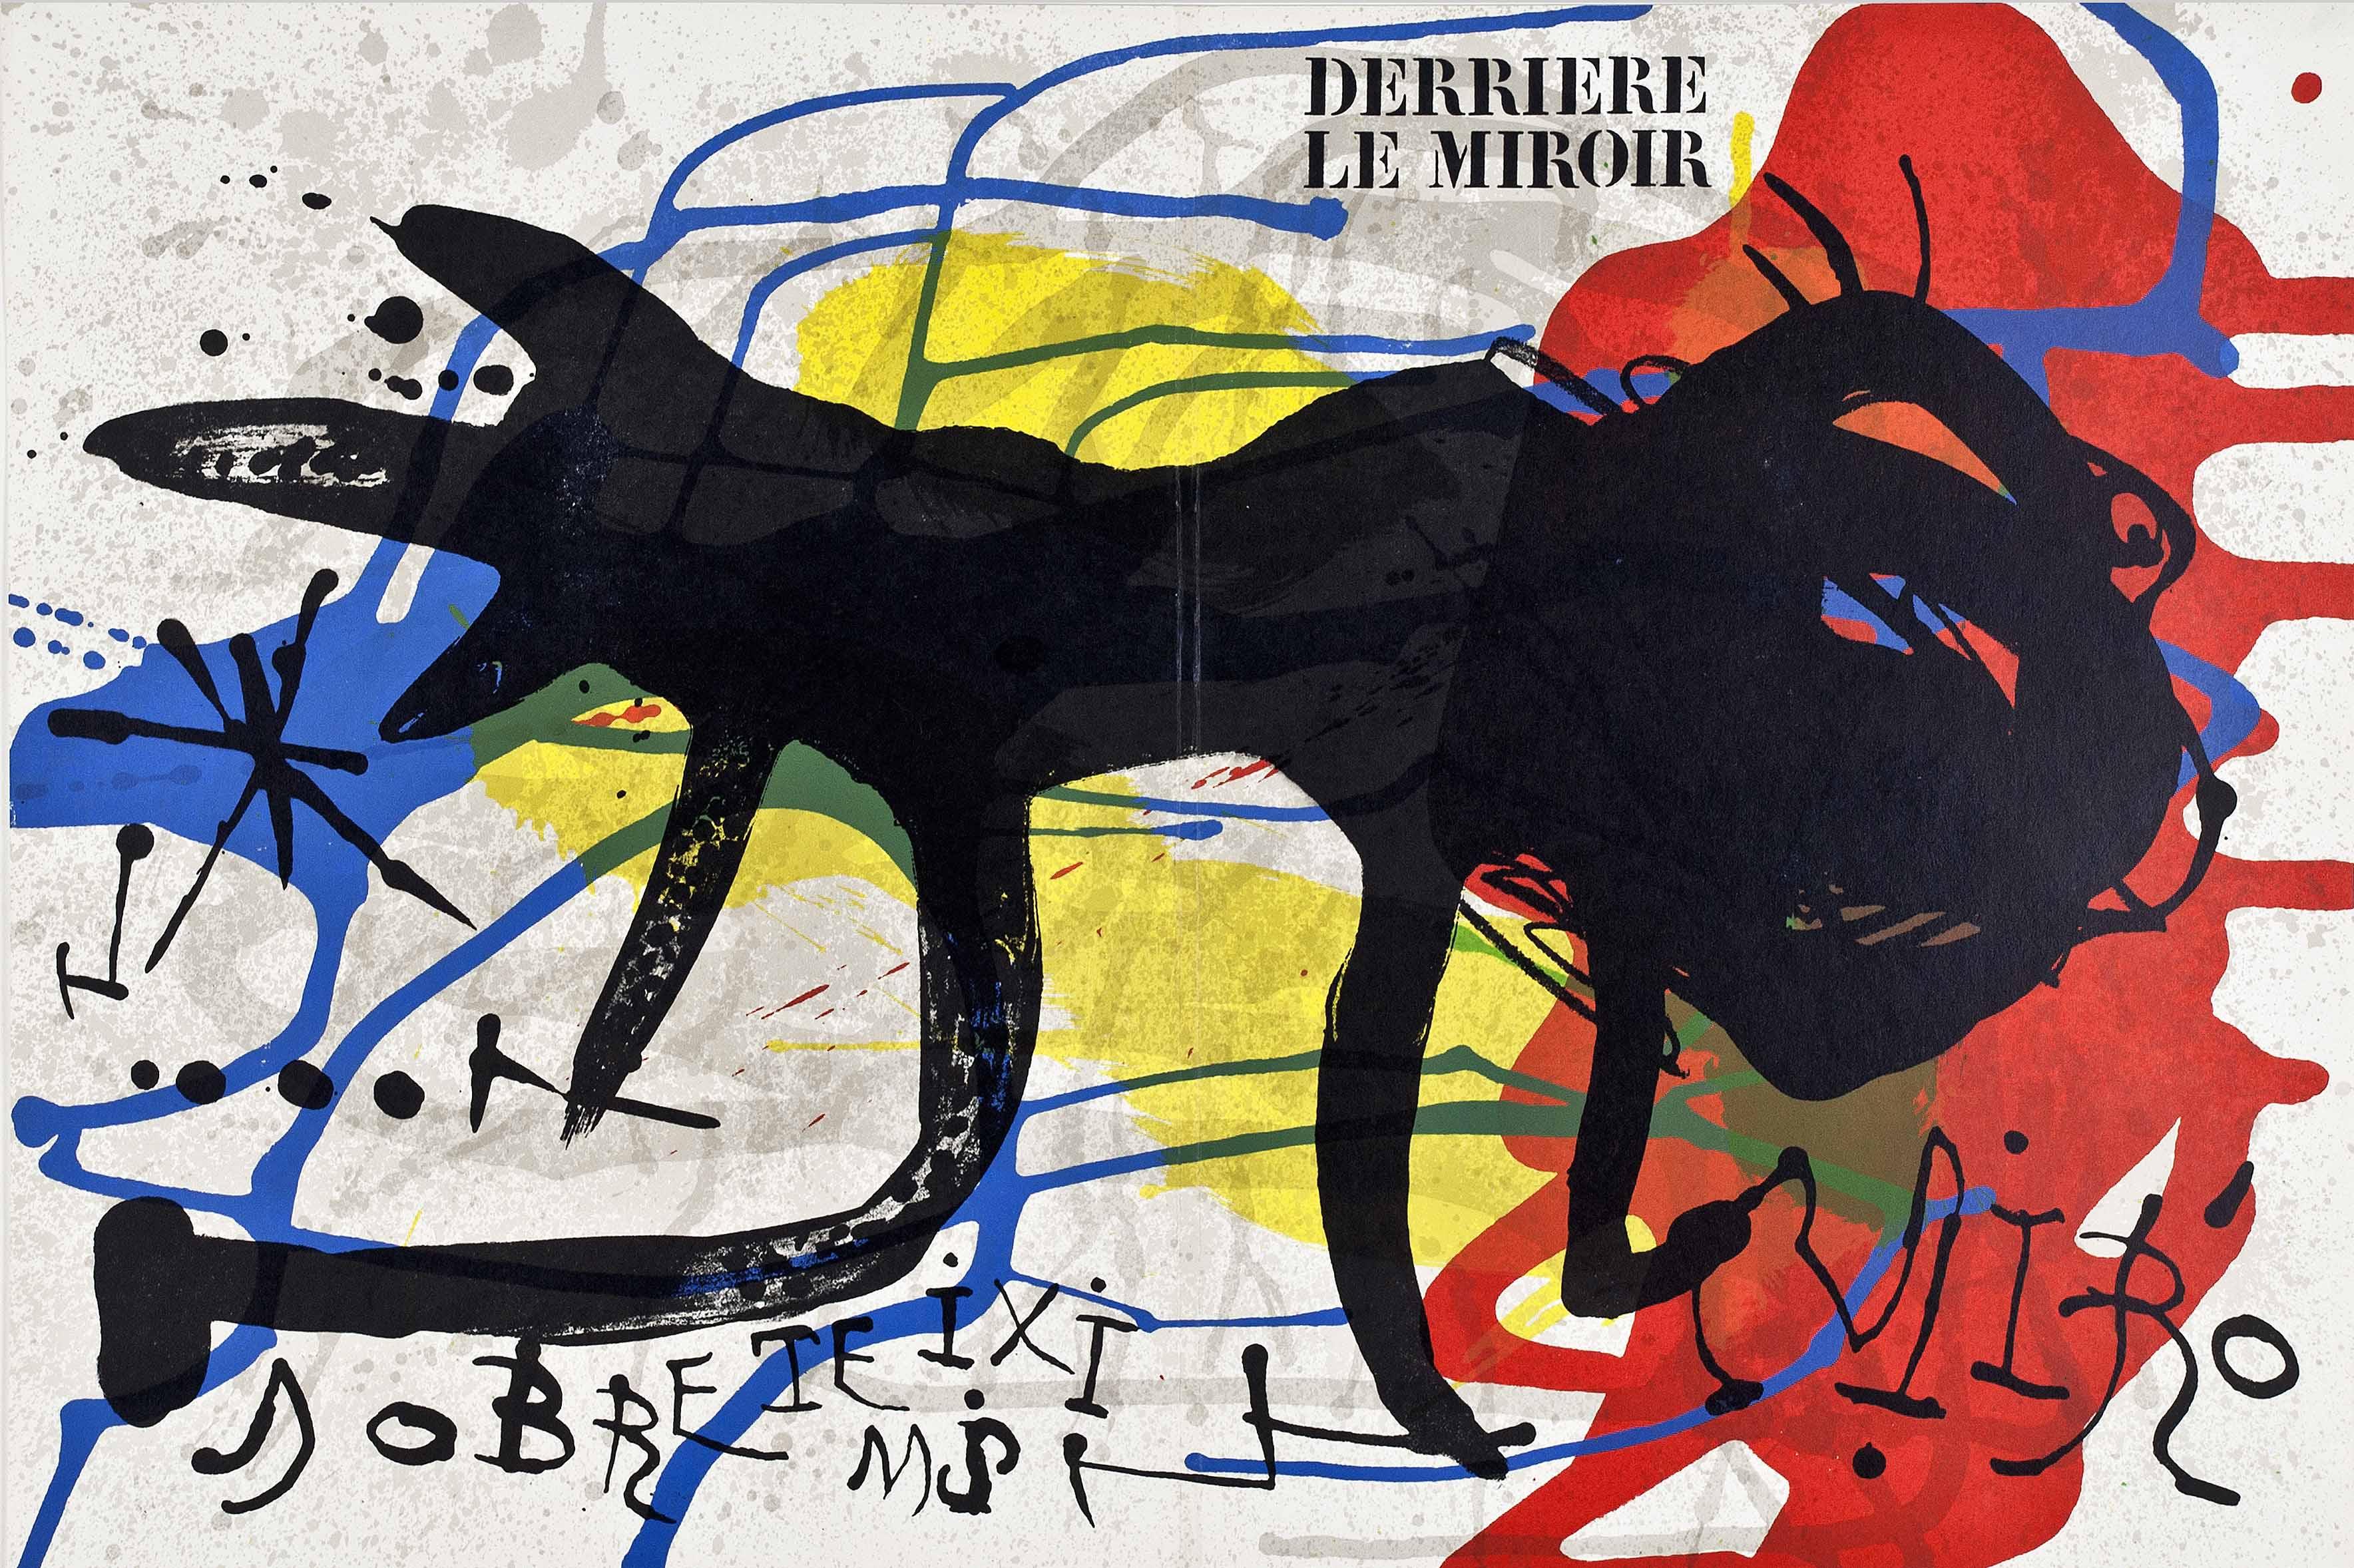 Derri re le miroir n 203 gelonch viladegut collection for Derriere le miroir miro